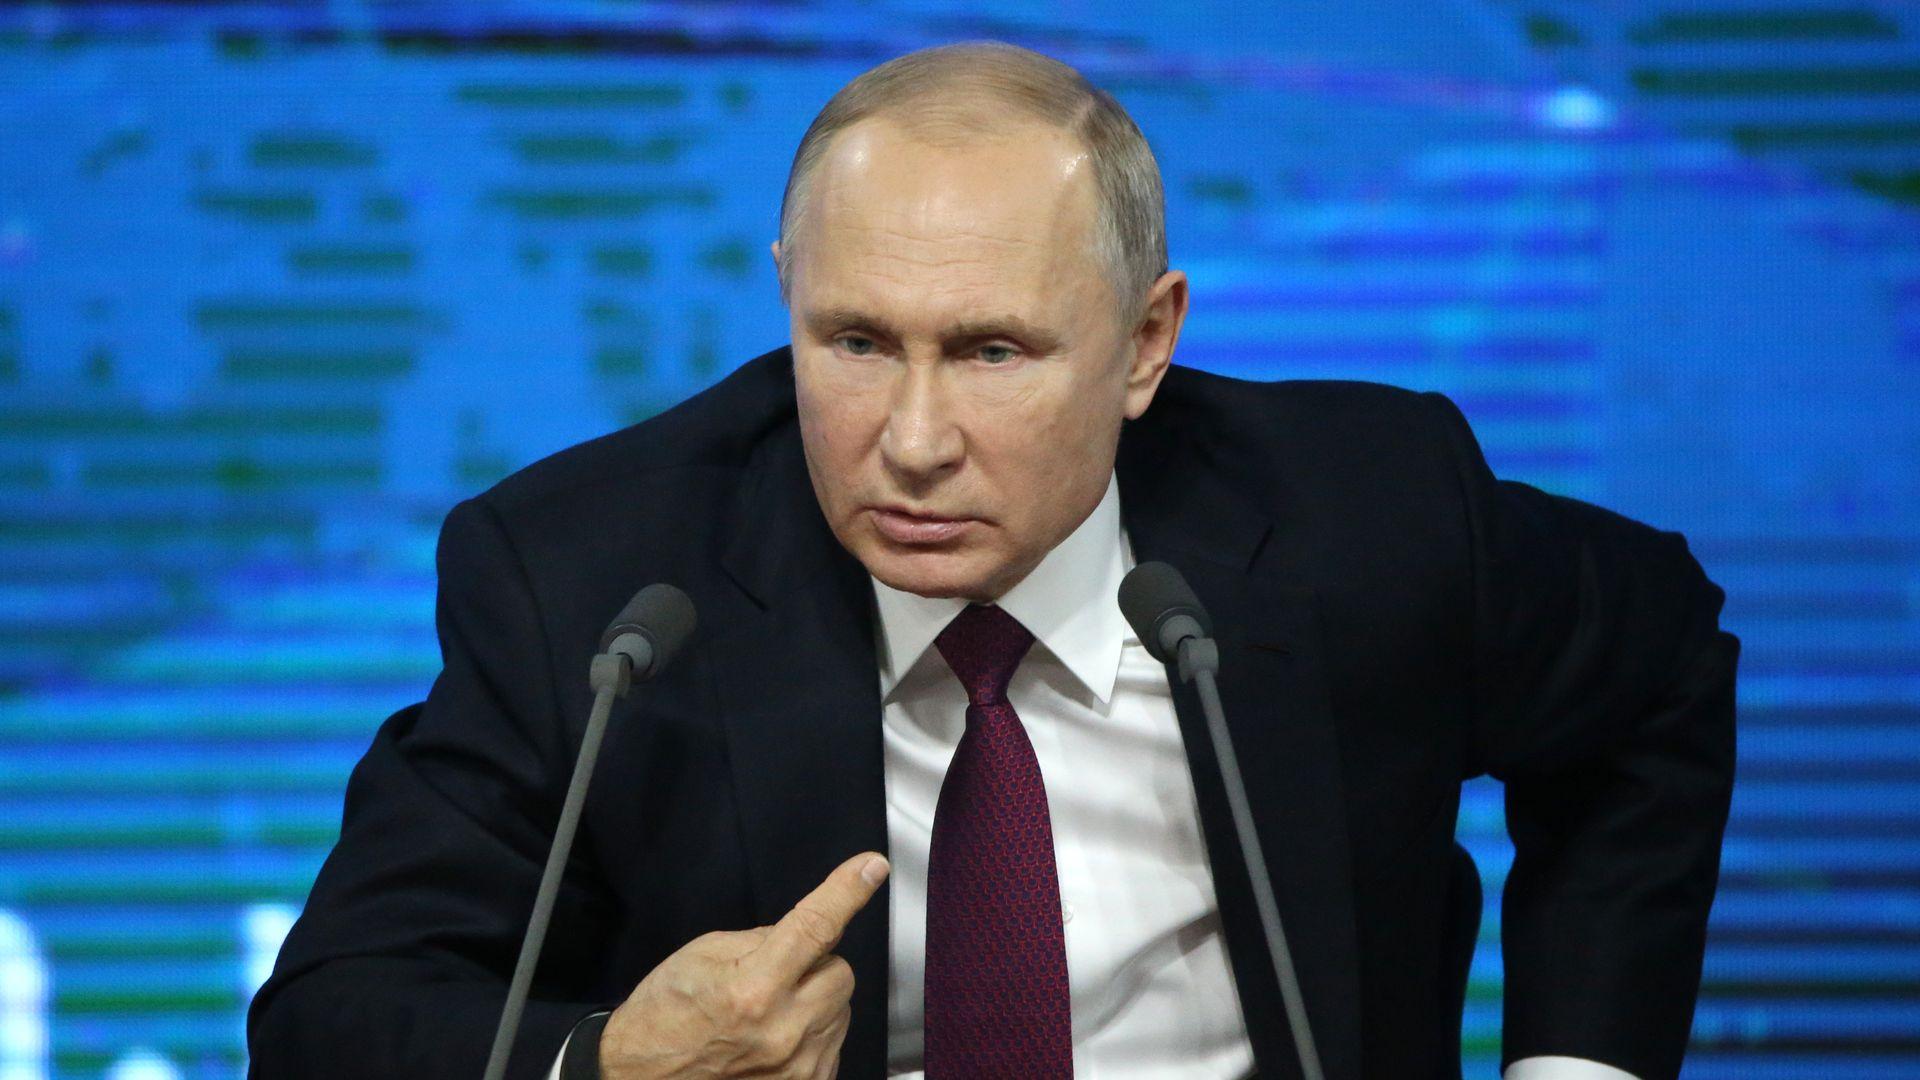 YouTube evades Putin's media chokehold - Axios